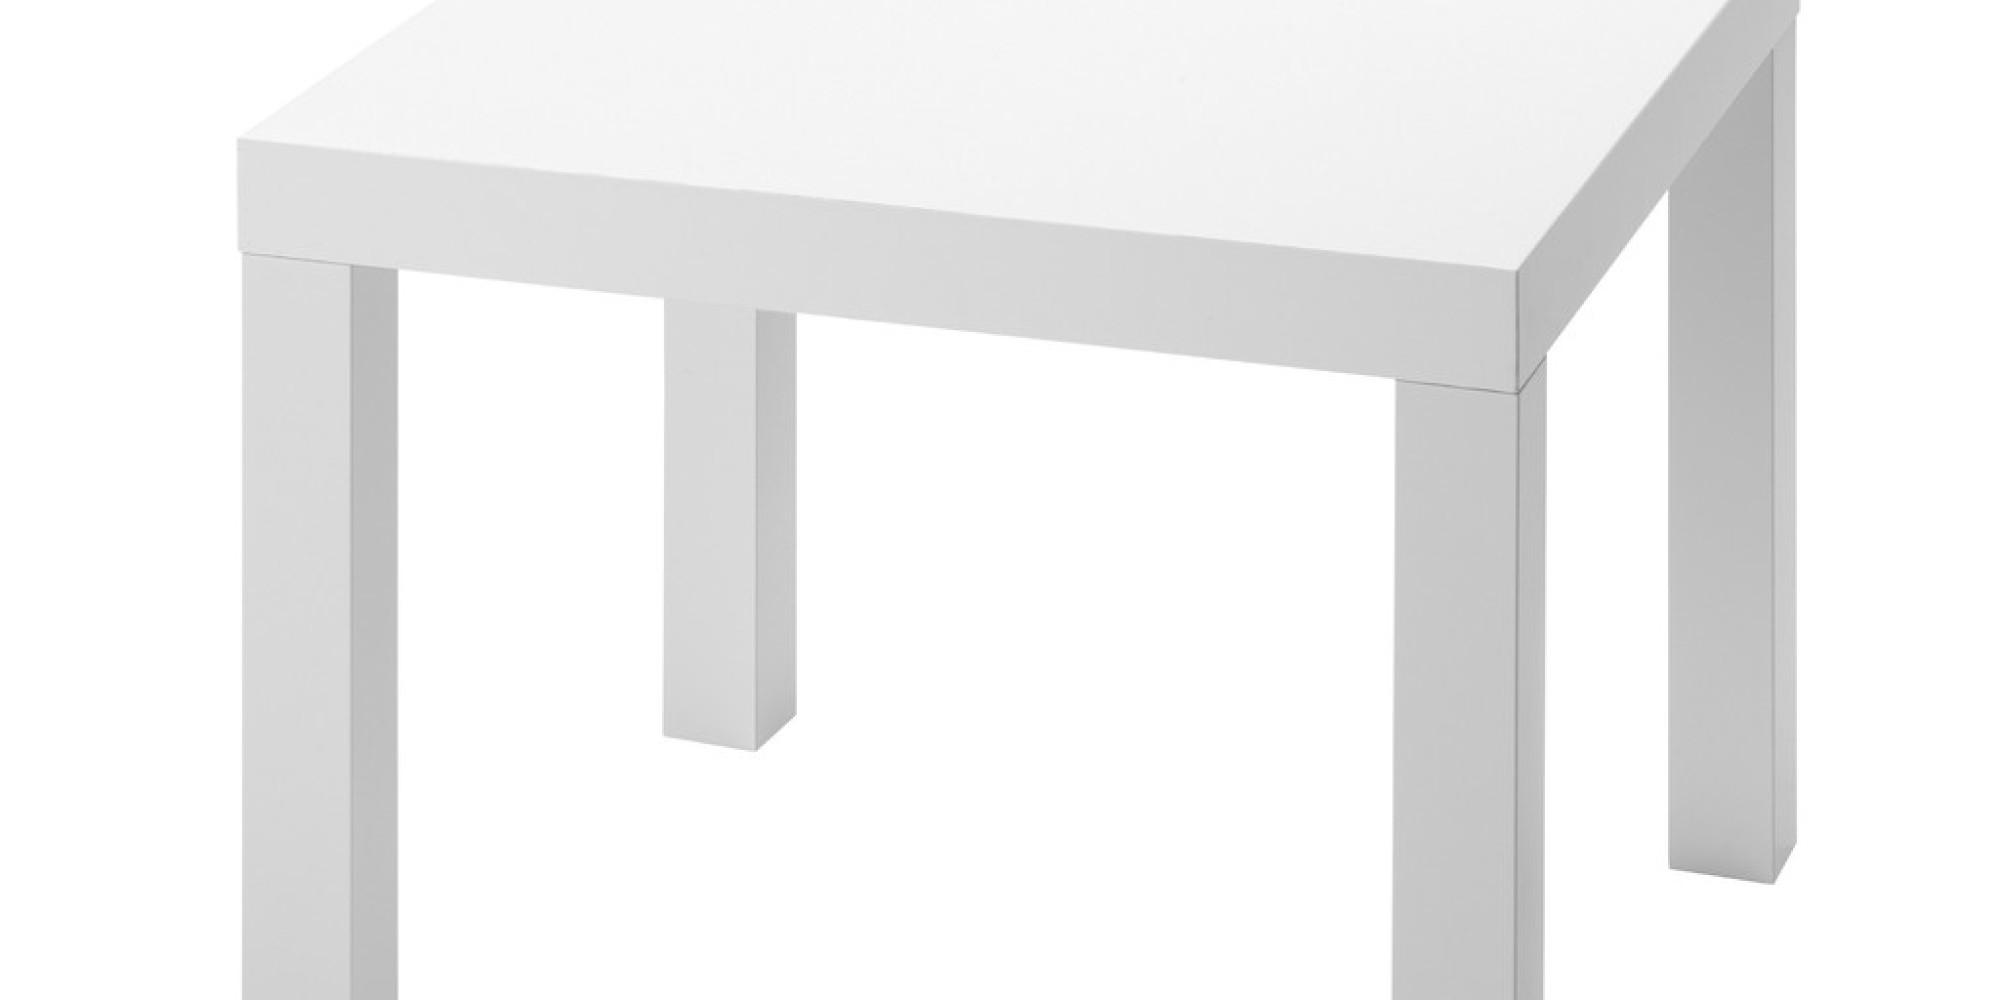 los 20 productos de ikea m s vendidos cu ntos tienes t fotos. Black Bedroom Furniture Sets. Home Design Ideas